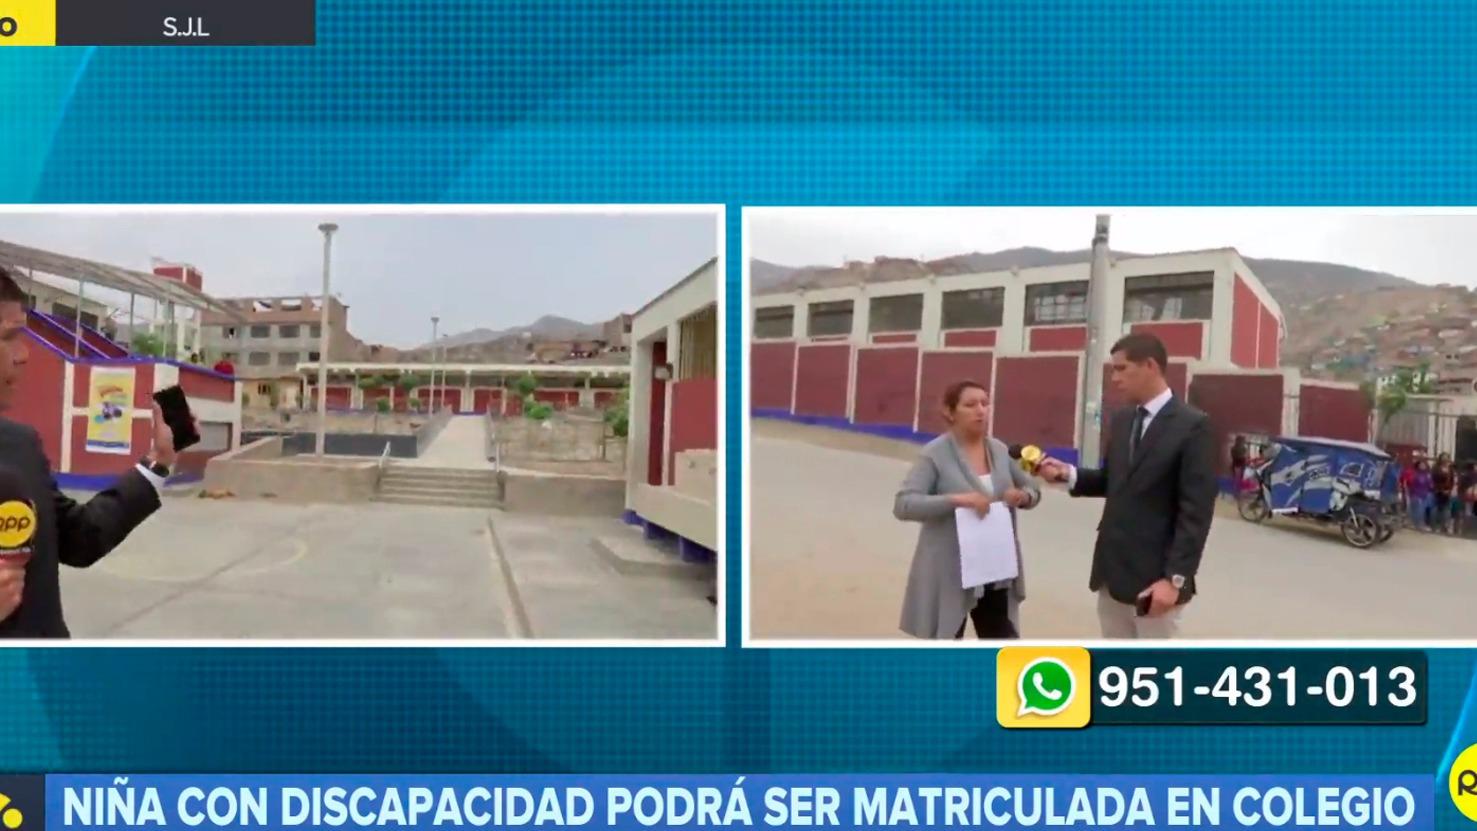 La menor de 11 años podrá estudiar en este colegio cercano a su casa.